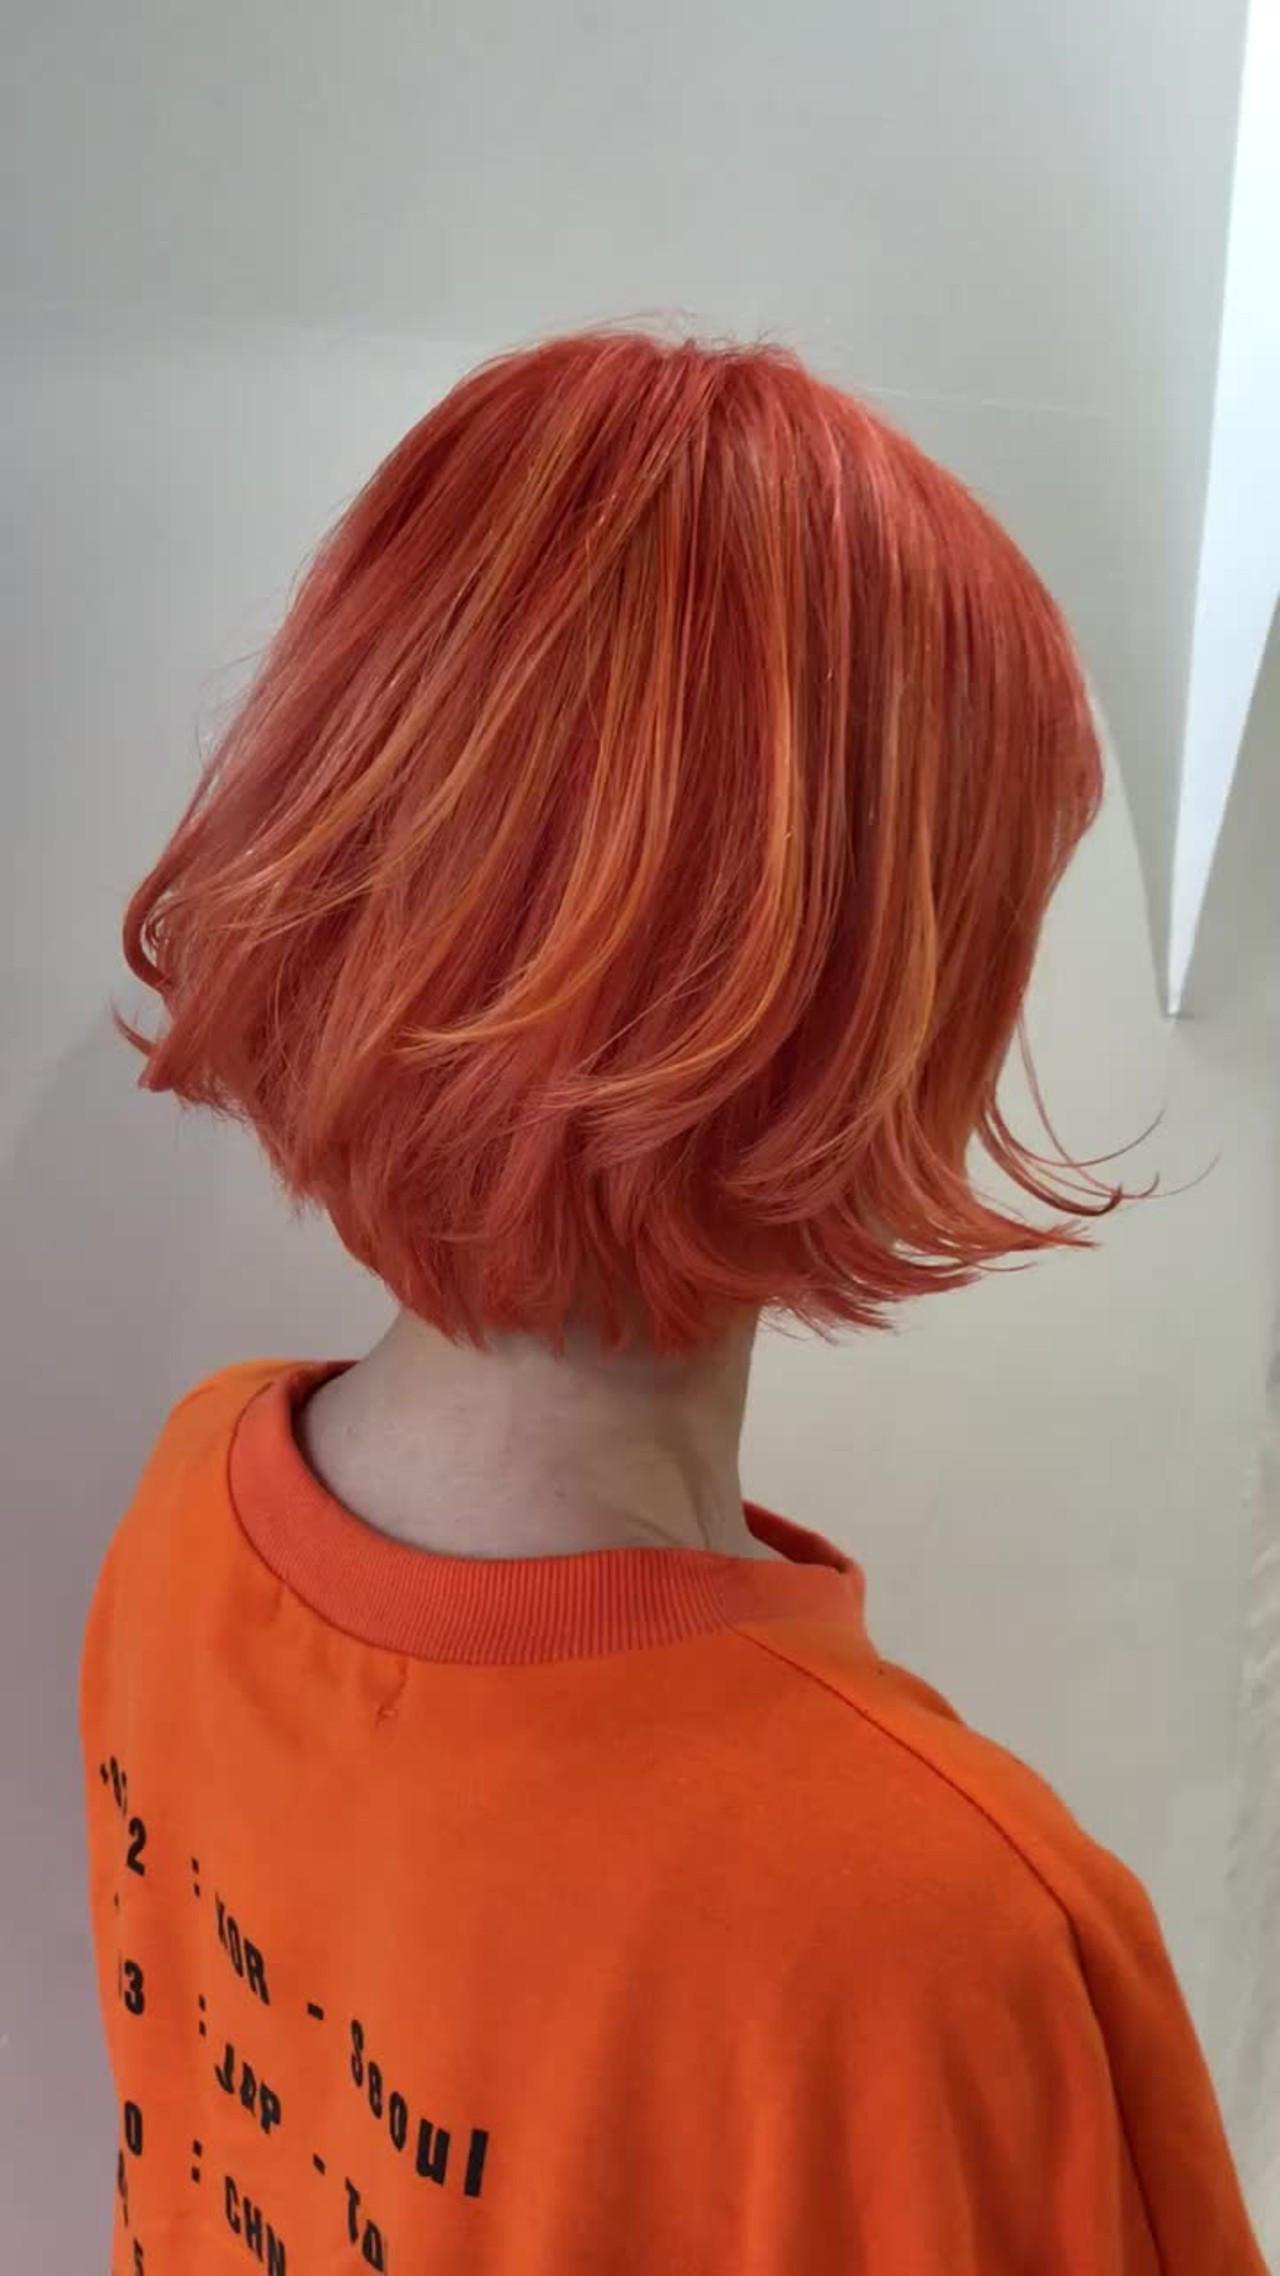 ショート ストリート ハイライト オレンジ ヘアスタイルや髪型の写真・画像